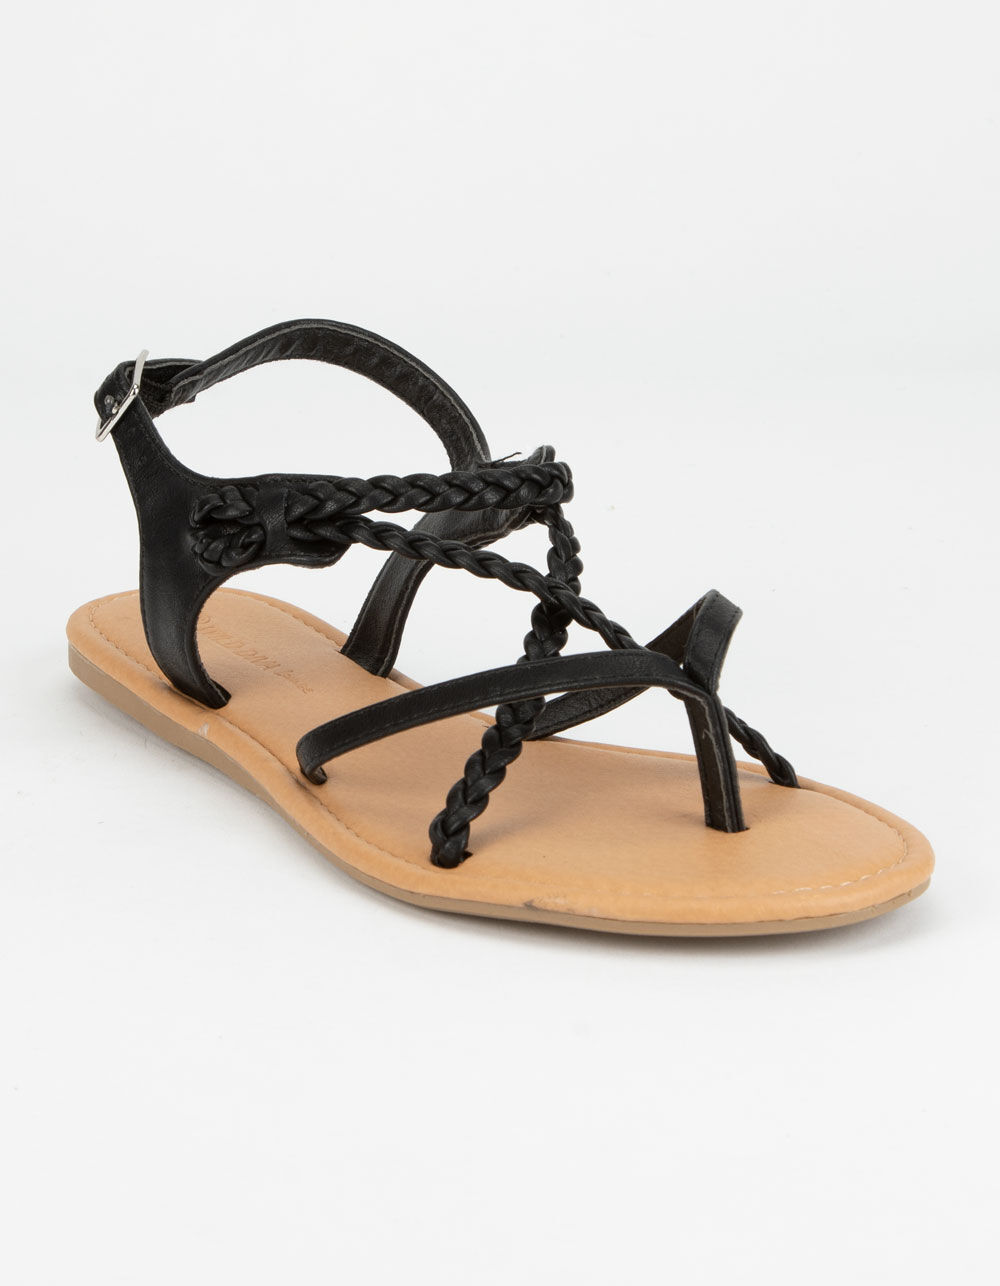 WILD DIVA Braid Ankle Strap Black Sandals